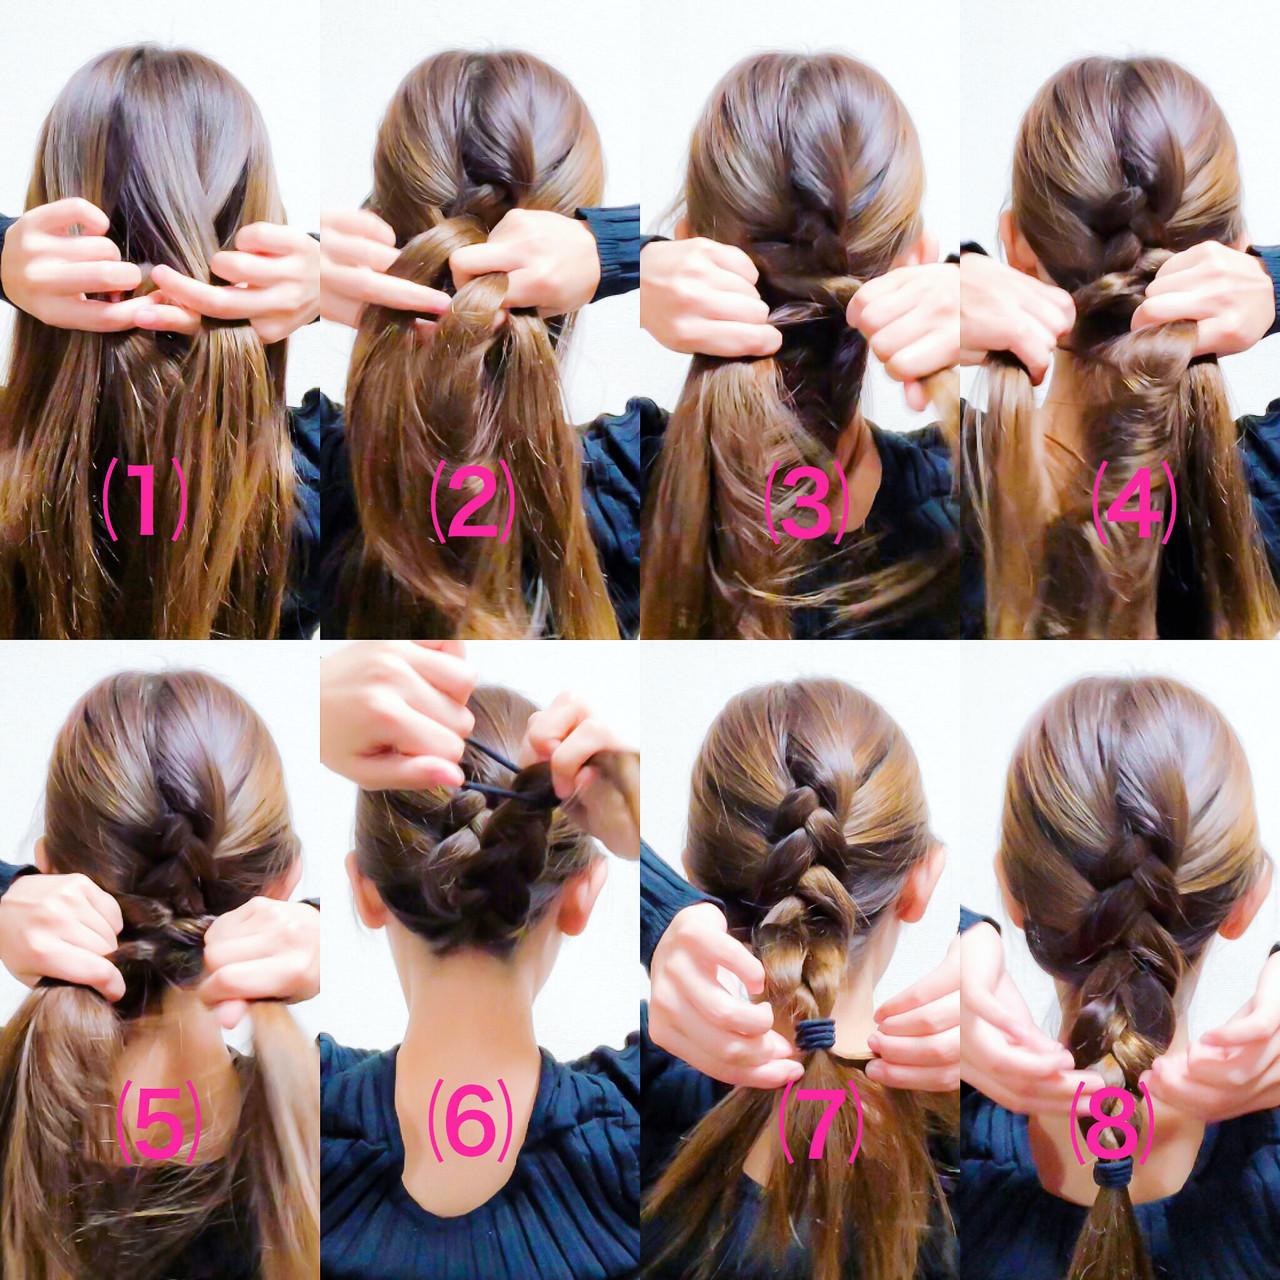 セルフヘアアレンジ エレガント 編み込み ヘアアレンジ ヘアスタイルや髪型の写真・画像